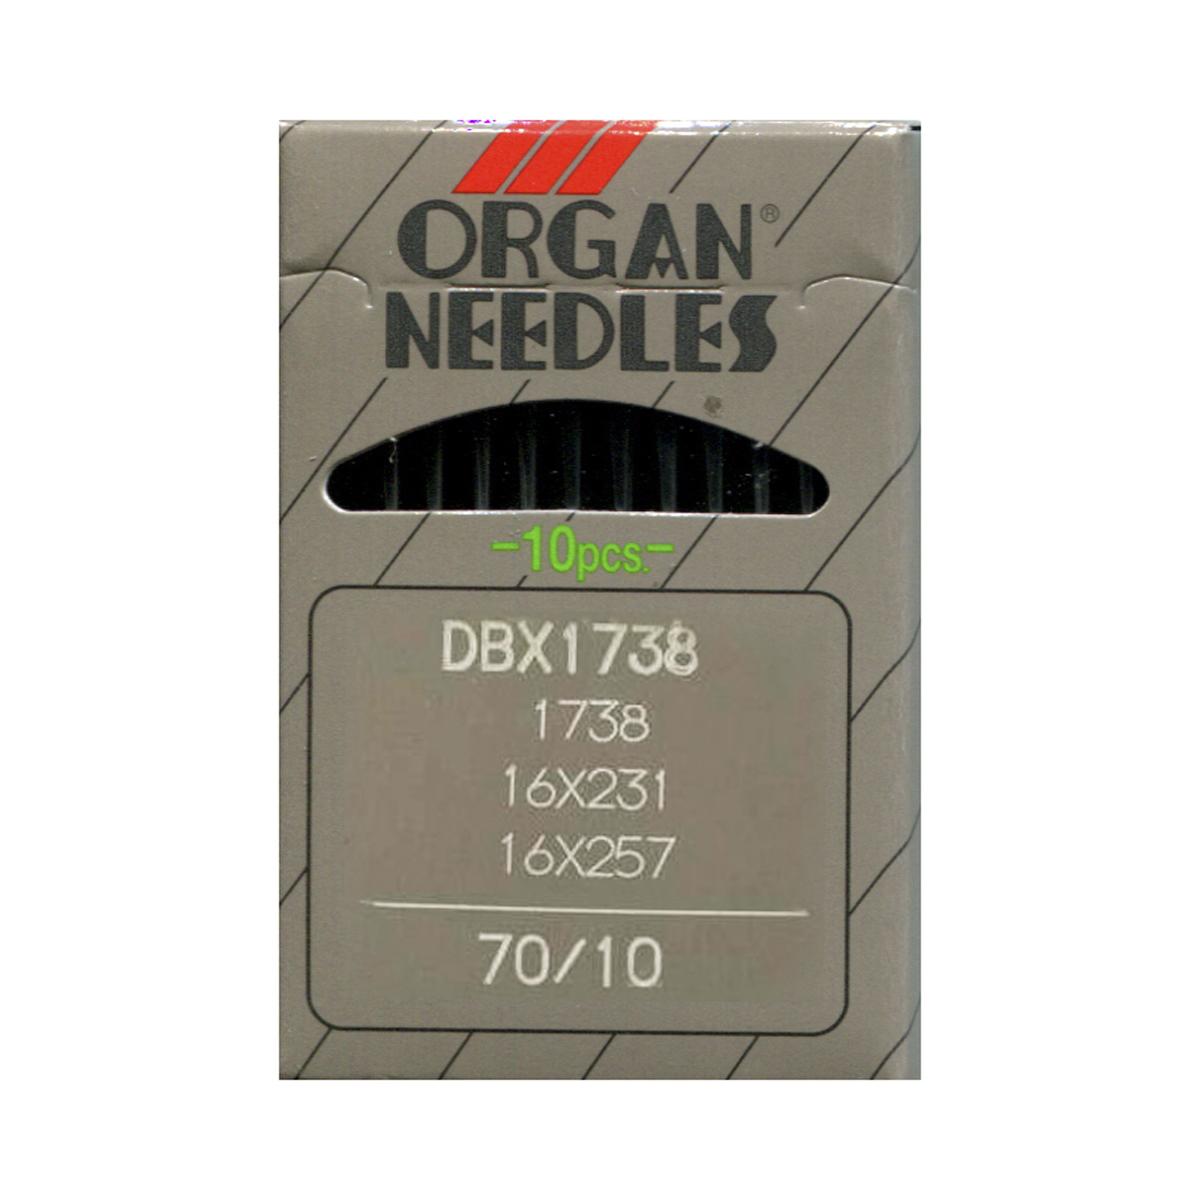 Иглы для промышленных швейных машин Organ, DBx1/70, 10 шт678418Иглы для промышленных швейных машин Organ с маркировкой DBx1 предназначены для прямострочных швейных машин. Иглы используются для пошива всех видов тканей. Острие игл тонкое, стандартное.Предназначены для машин цепного стежка 10Б, 53, 810 классов и импортных аналогов. В промышленных машинах используются иглы с круглыми колбами, в отличие от игл бытовых машин, у которых колбы плоские. Круглая колба позволяет при наладке машины и установке иглы поворачивать (вращать) иглу, закрепляя ее в нужном положении. Диаметр колбы: 1,64 мм. Длина иглы: 33,9 мм. Номер игл: 70.